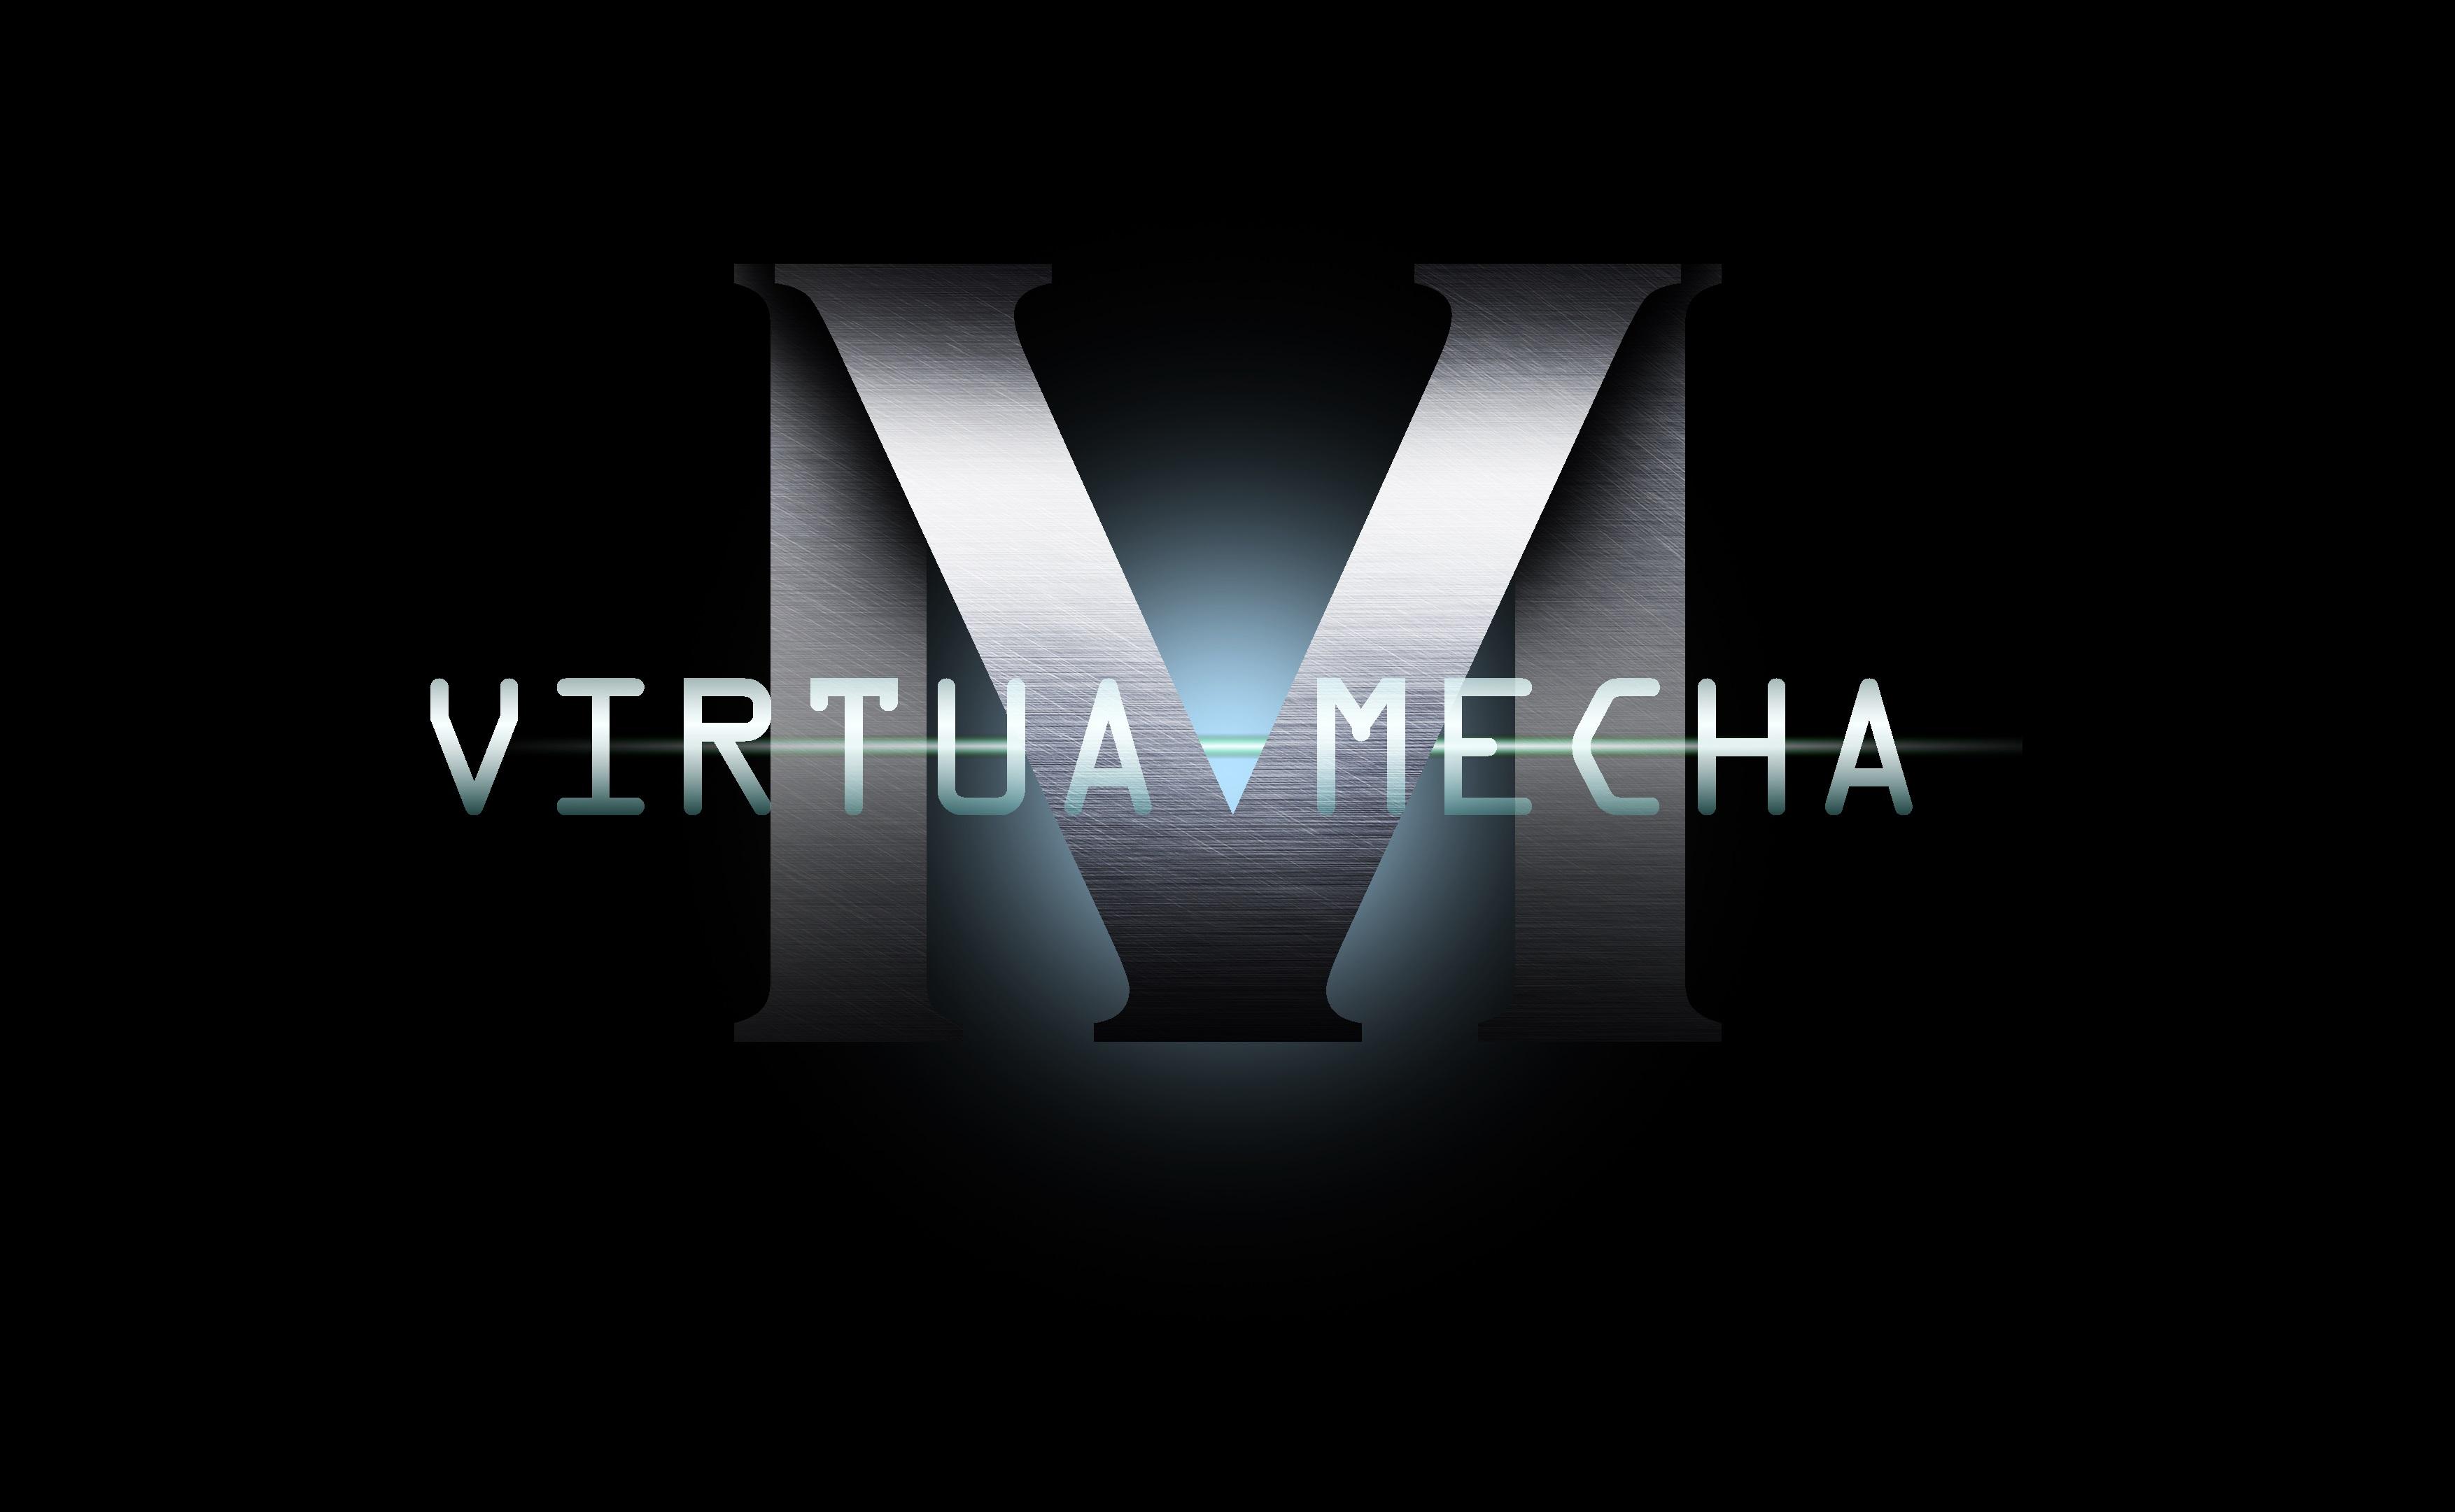 Virtua Mecha